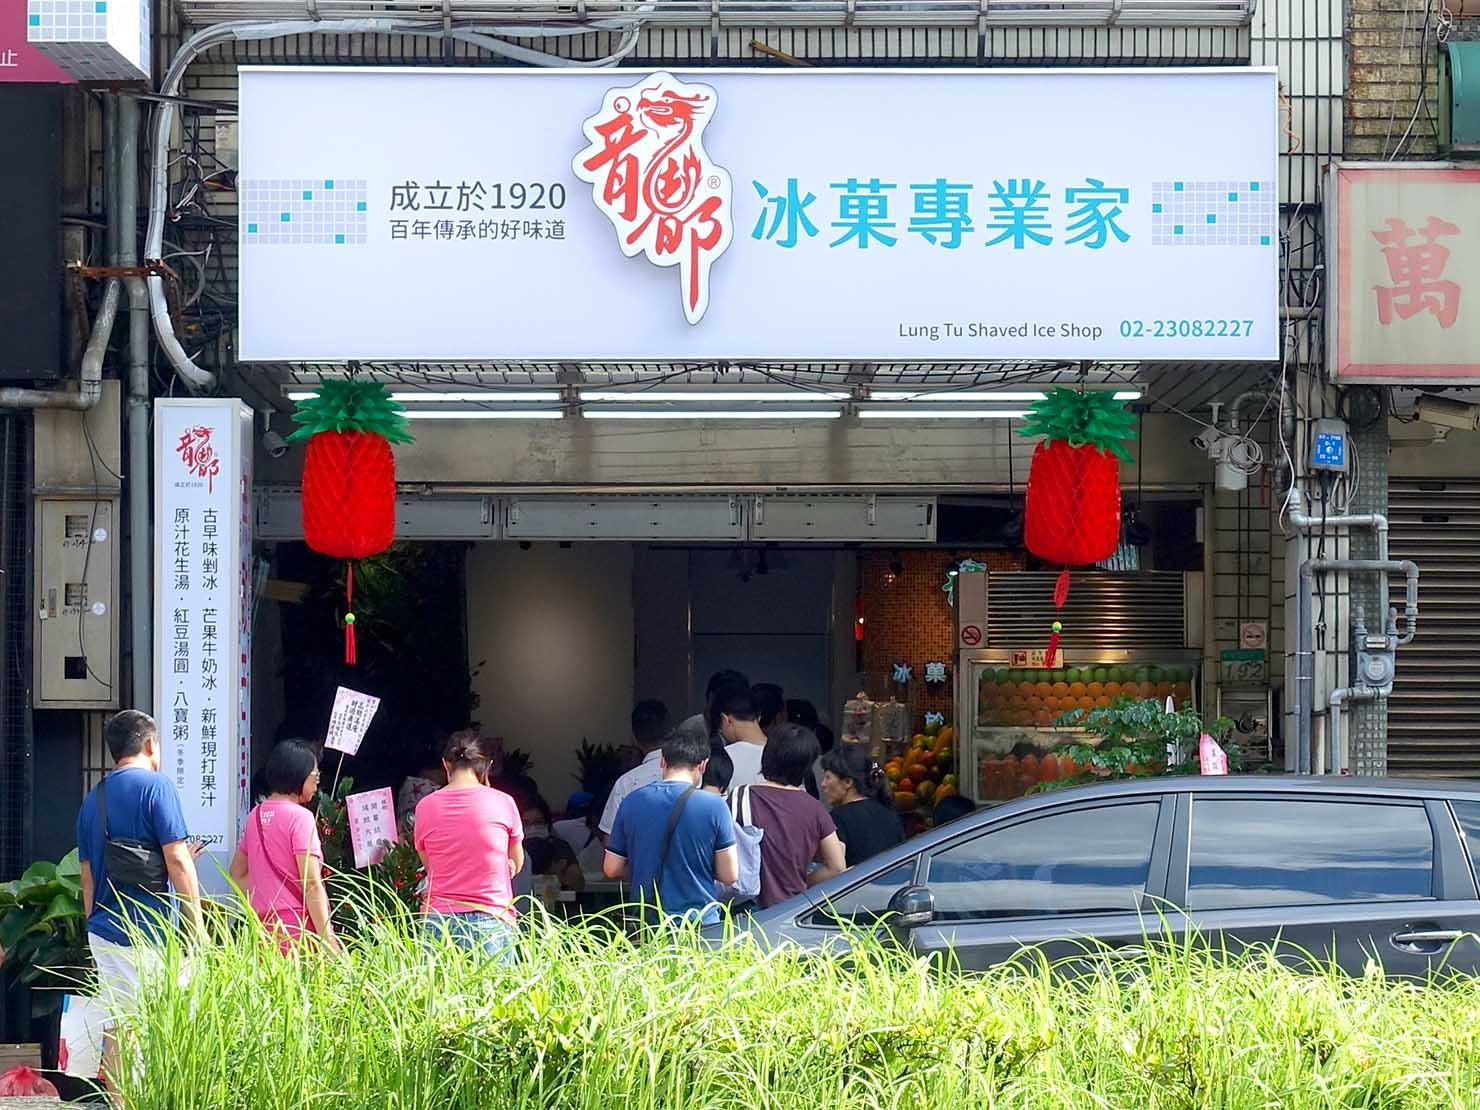 台北・龍山寺エリアのおすすめグルメ店「龍都冰菓專業家」の外観